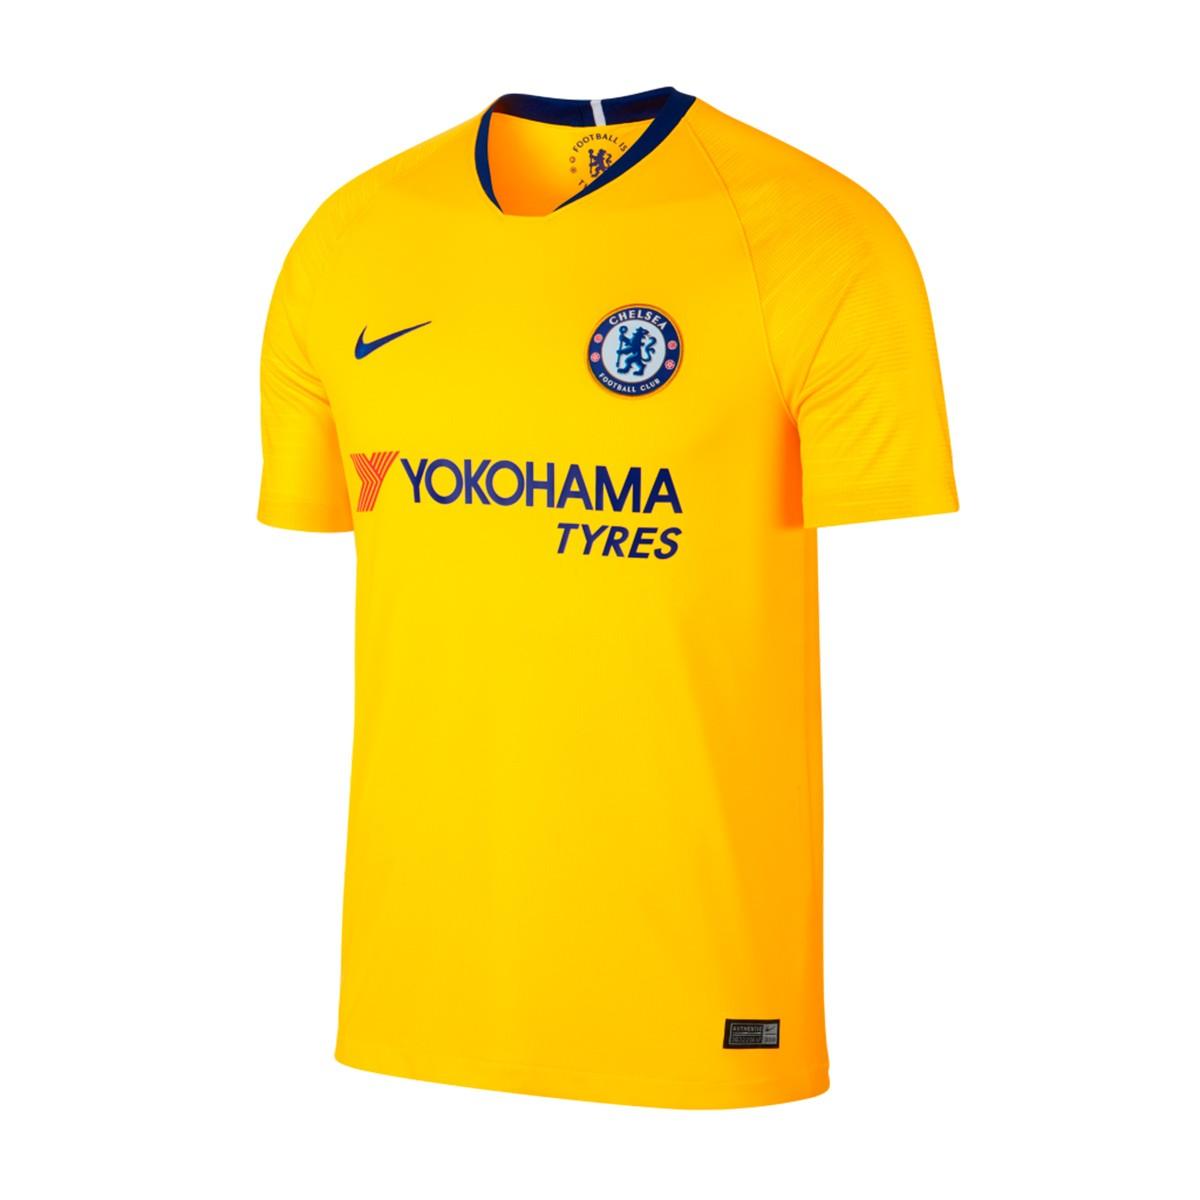 newest cd1ff d5f04 Camiseta Chelsea FC Stadium Segunda Equipación 2018-2019 Tour yellow-Rush  blue